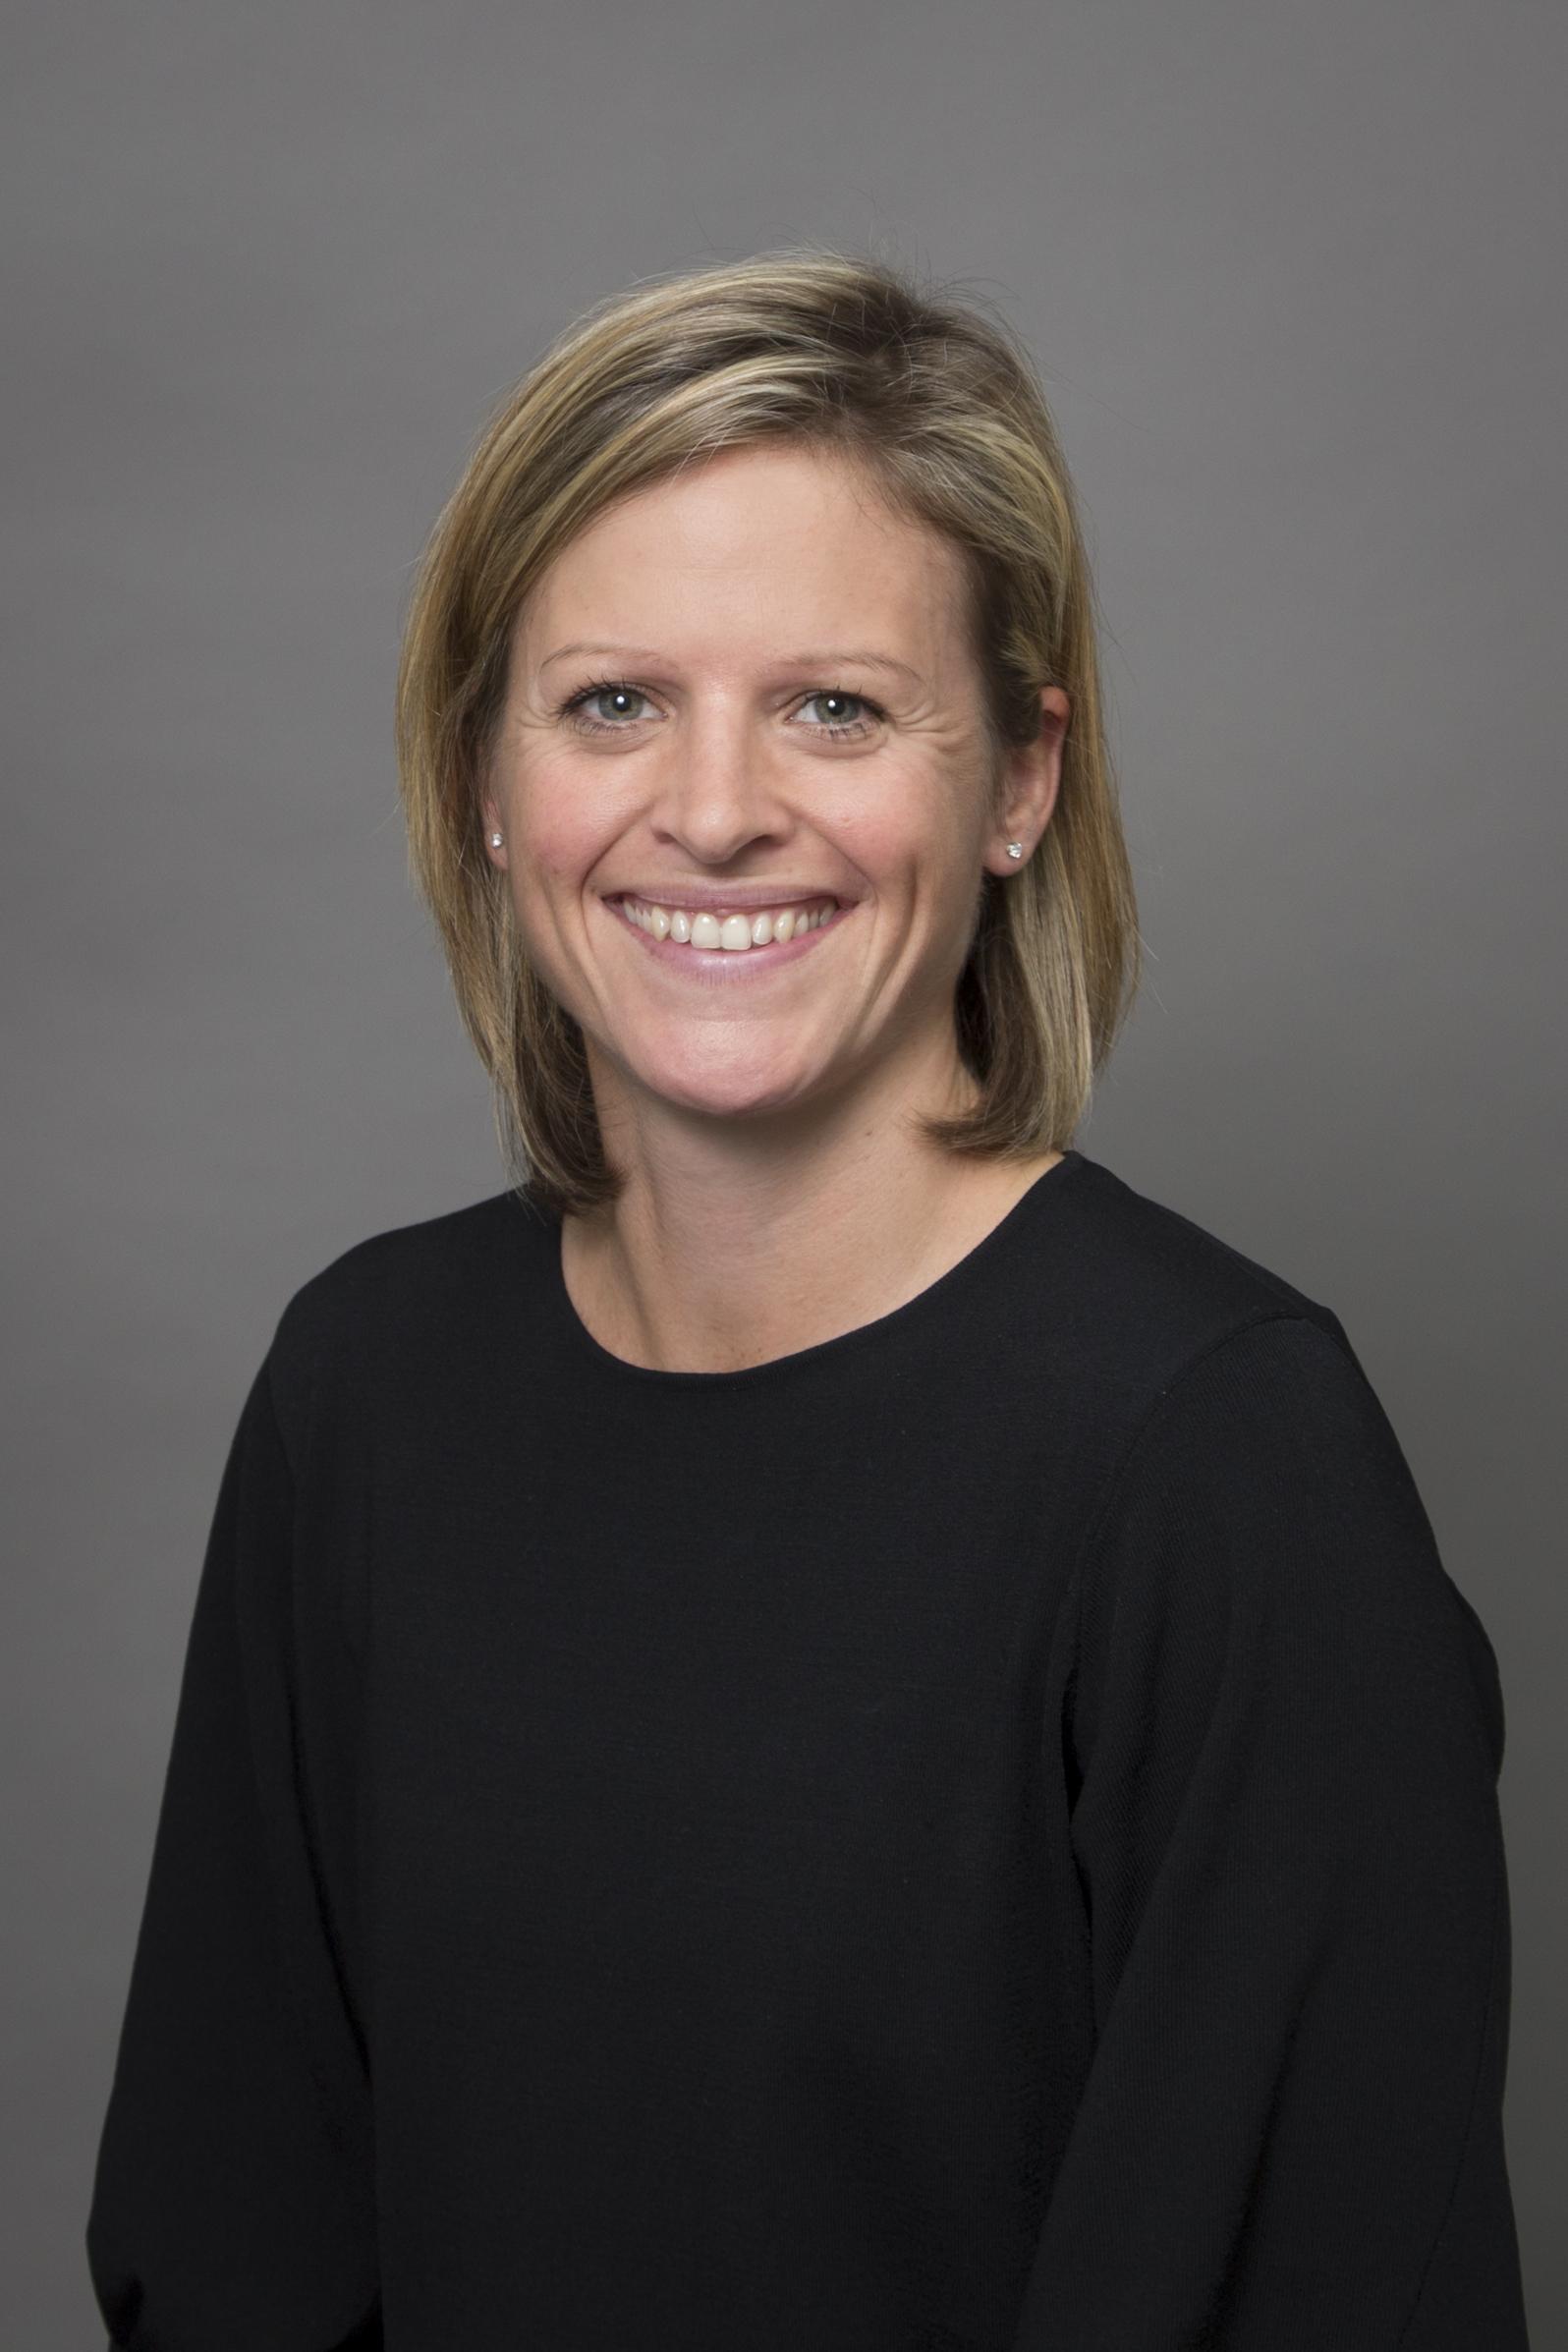 Kate Gowar